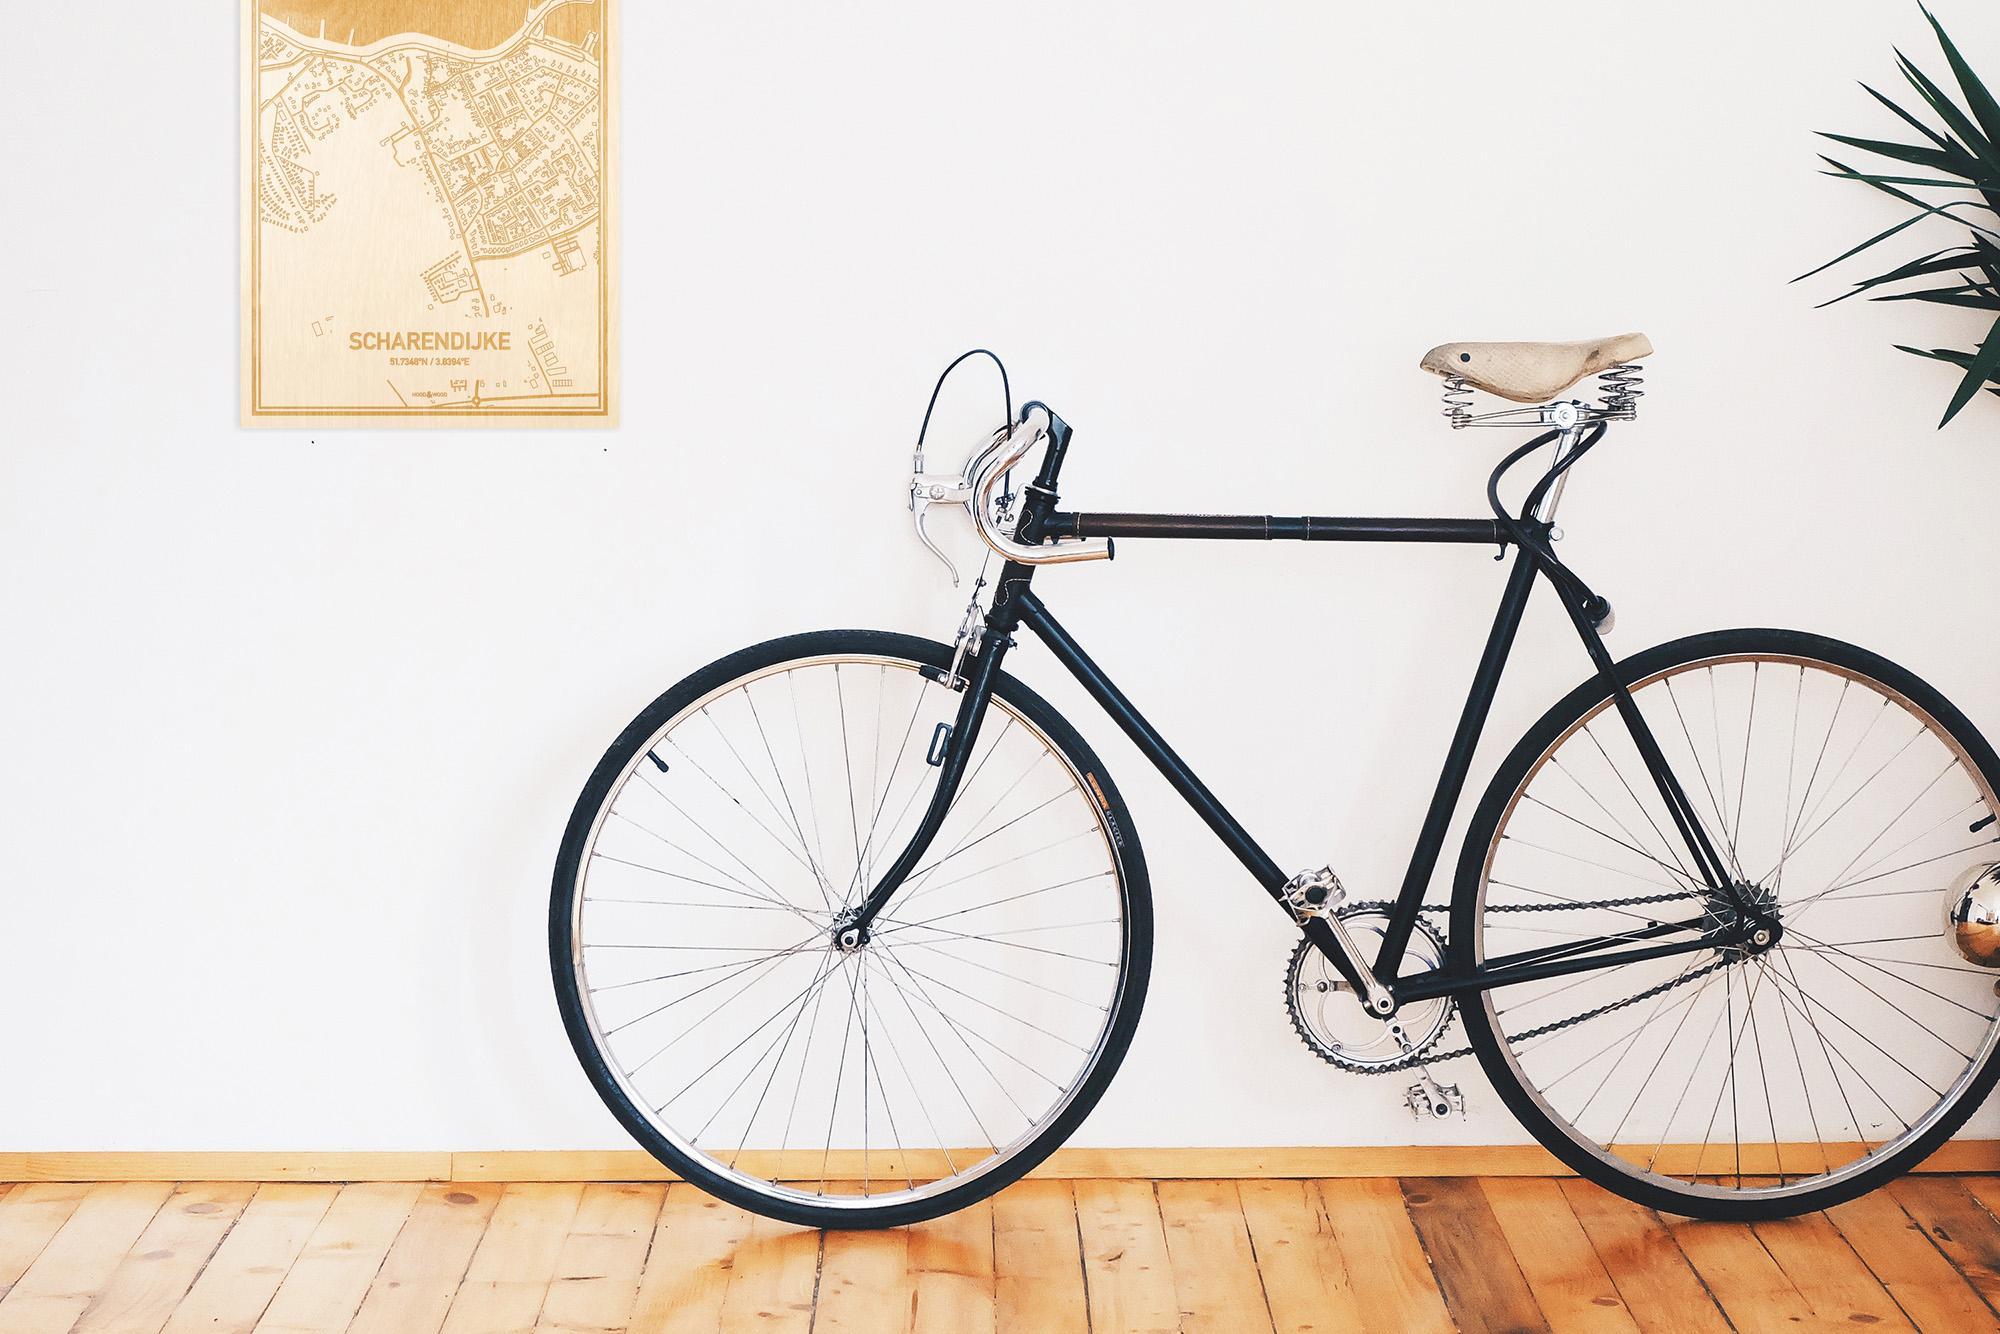 Een snelle fiets in een uniek interieur in Zeeland met mooie decoratie zoals de plattegrond Scharendijke.